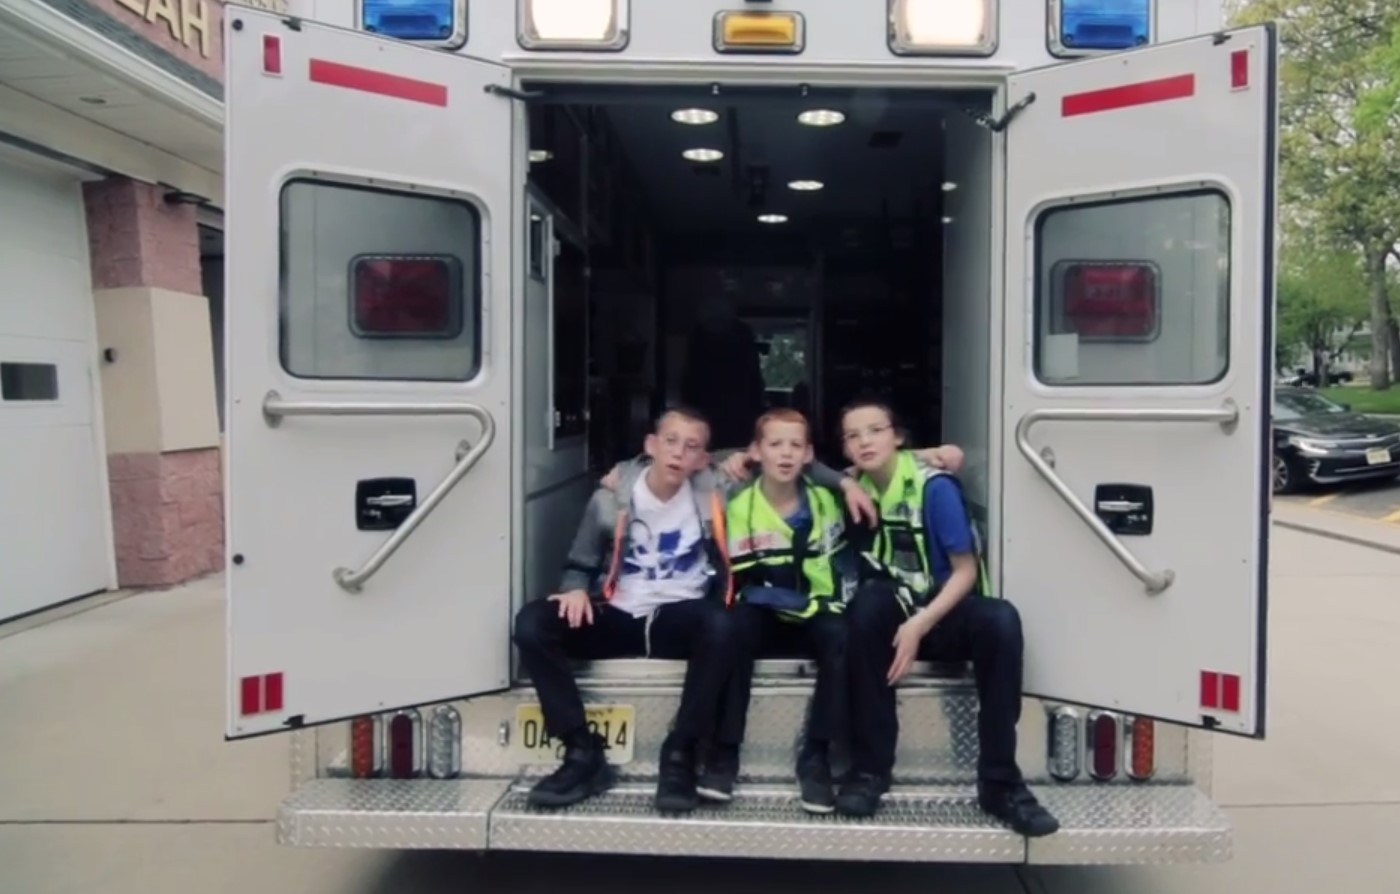 באמבולנס ובחנות הצעצועים: צפו בילדי לייקווד למען ארגון ההצלה